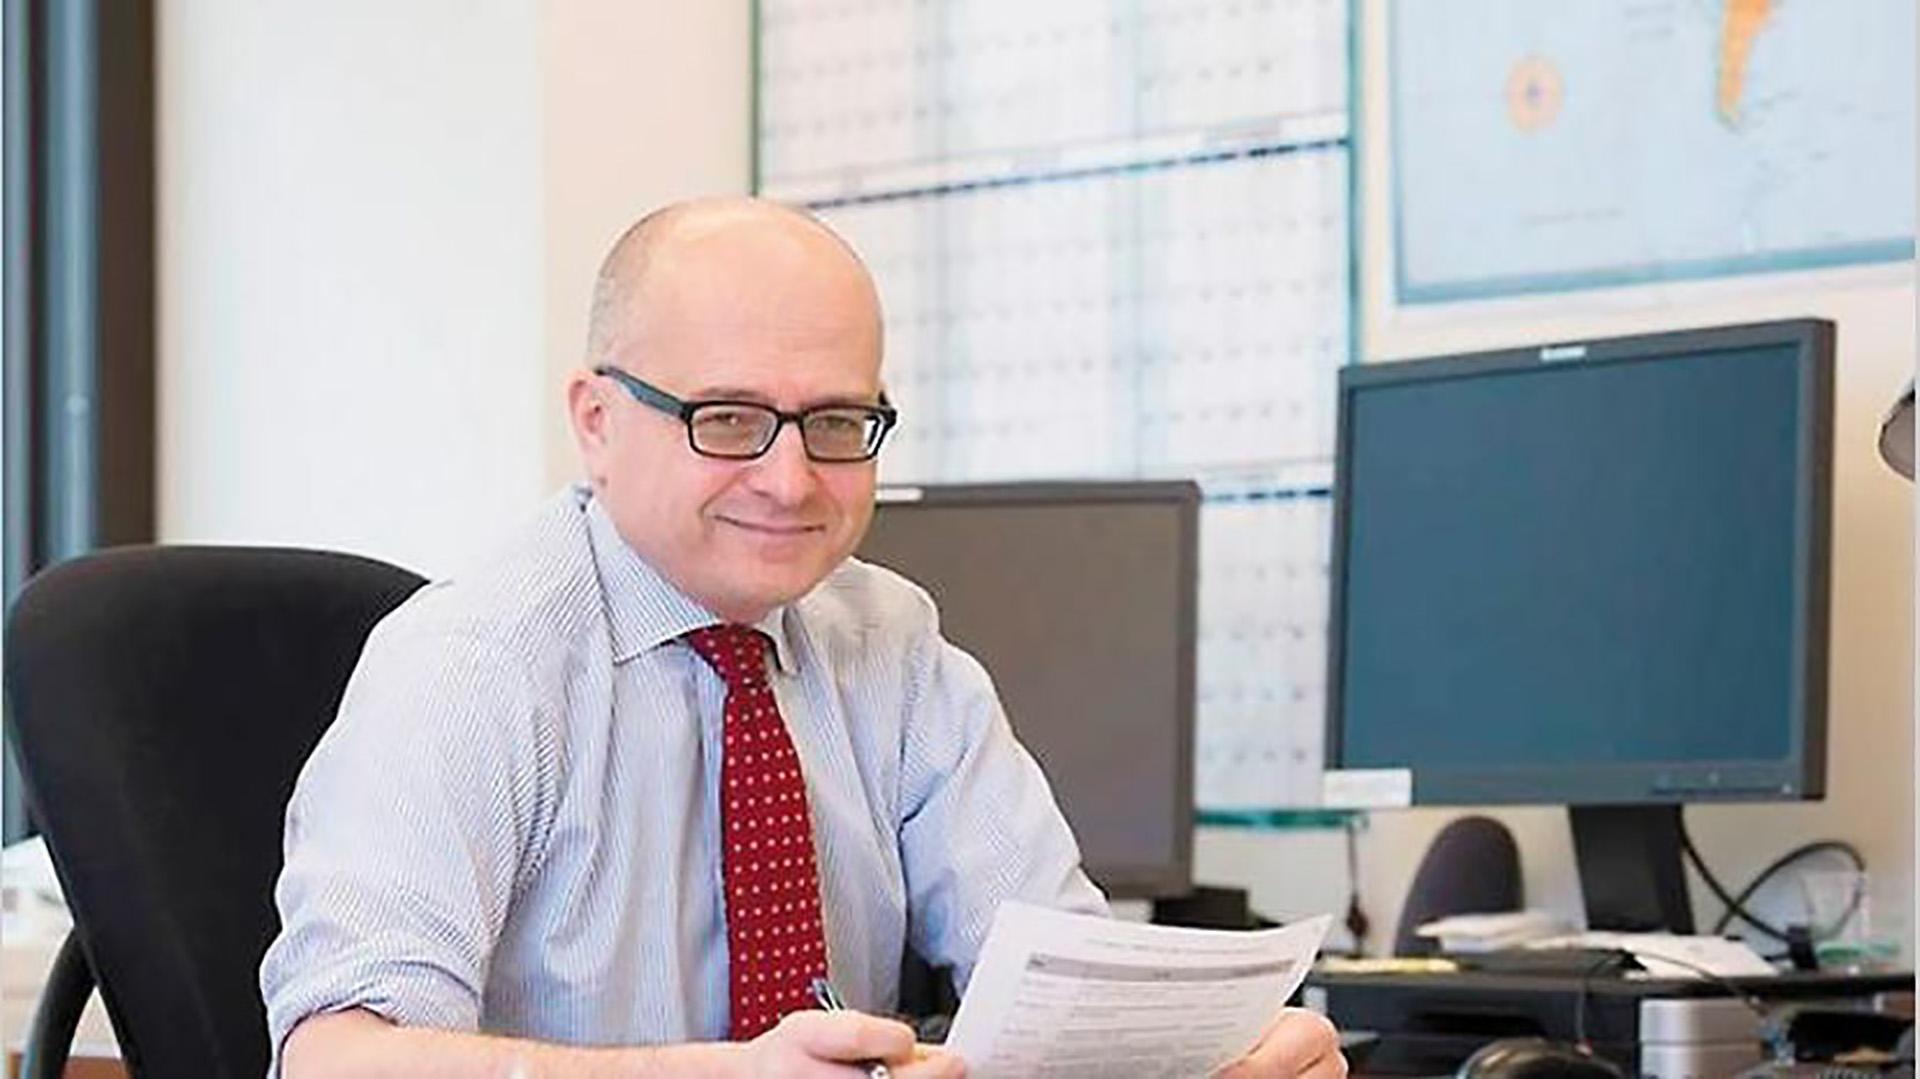 Roberto Cardarelli presentará el primer borrador del programa al Directorio Ejecutivo (Fondo Monetario Internacional)